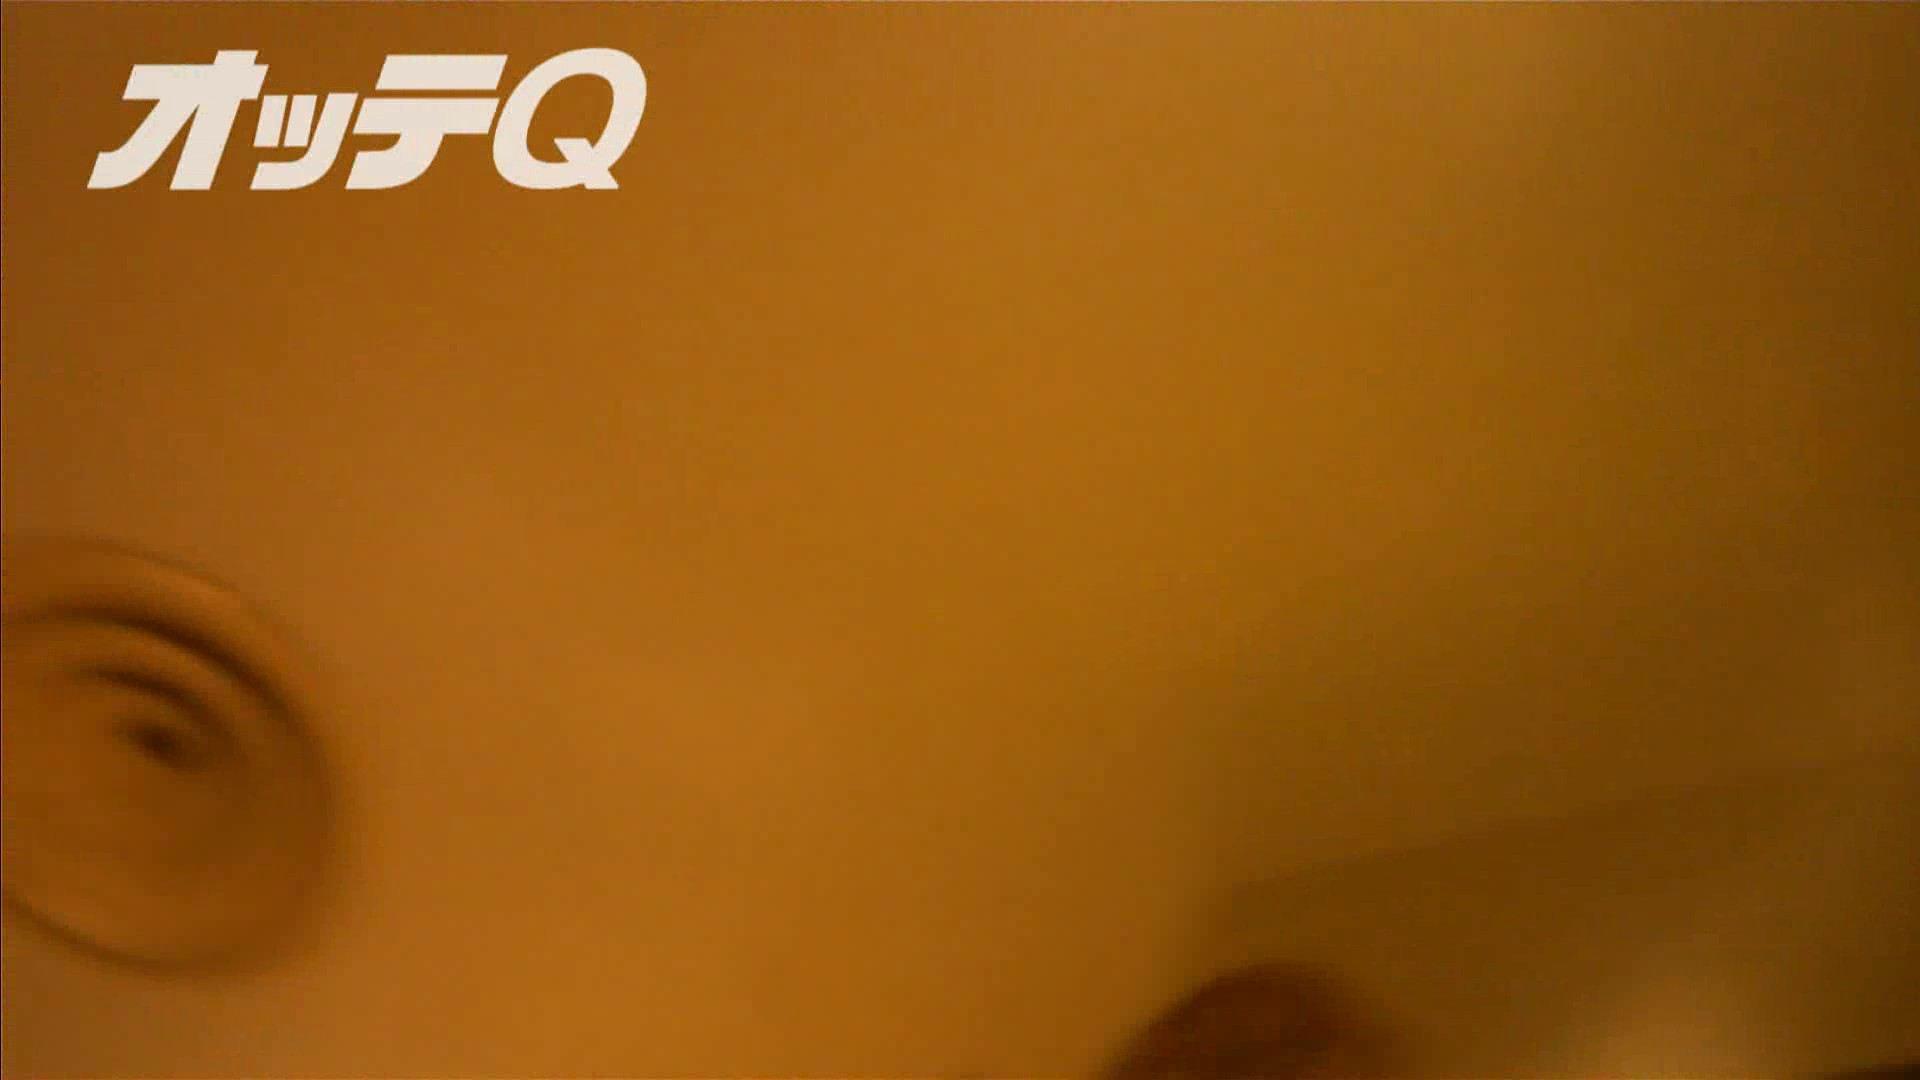 ハイビジョンパンチラ オッテQさんの追跡パンチラデパート編VOL.04 OLのエッチ オマンコ動画キャプチャ 105pic 86